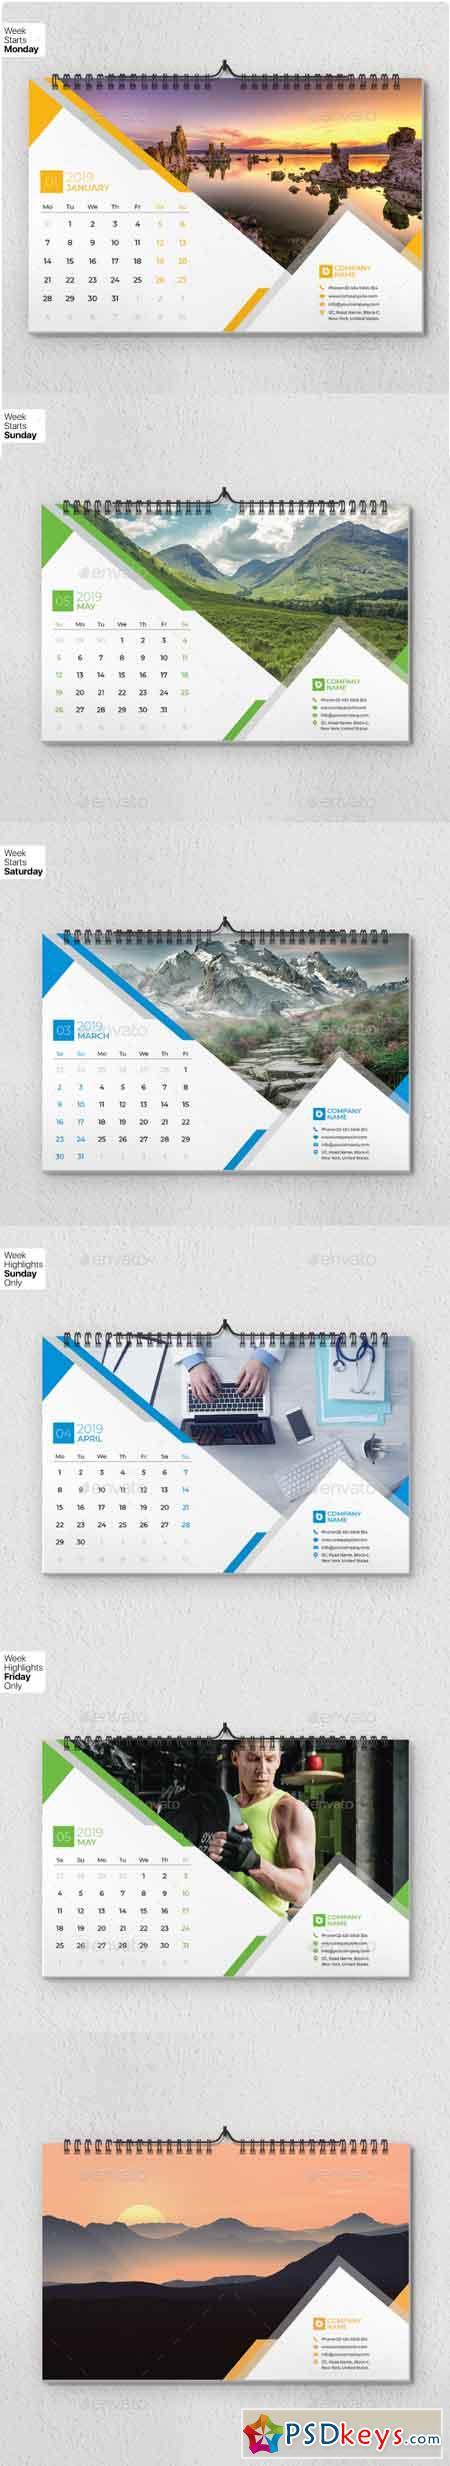 Wall Calendar 2019 - V16 3051292